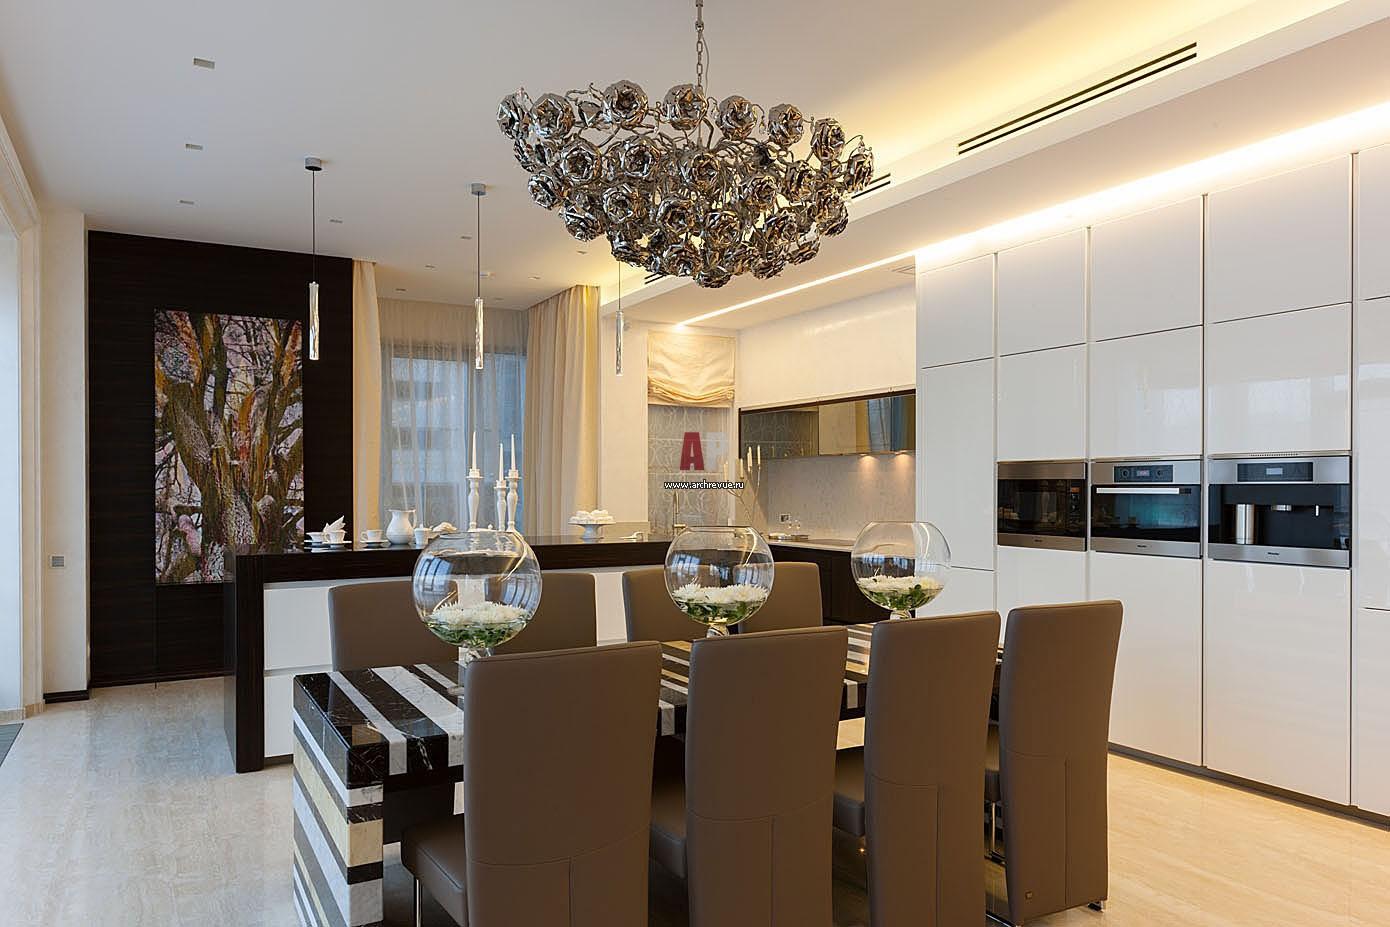 современный дизайн кухни столовой фото для мужчин всегда